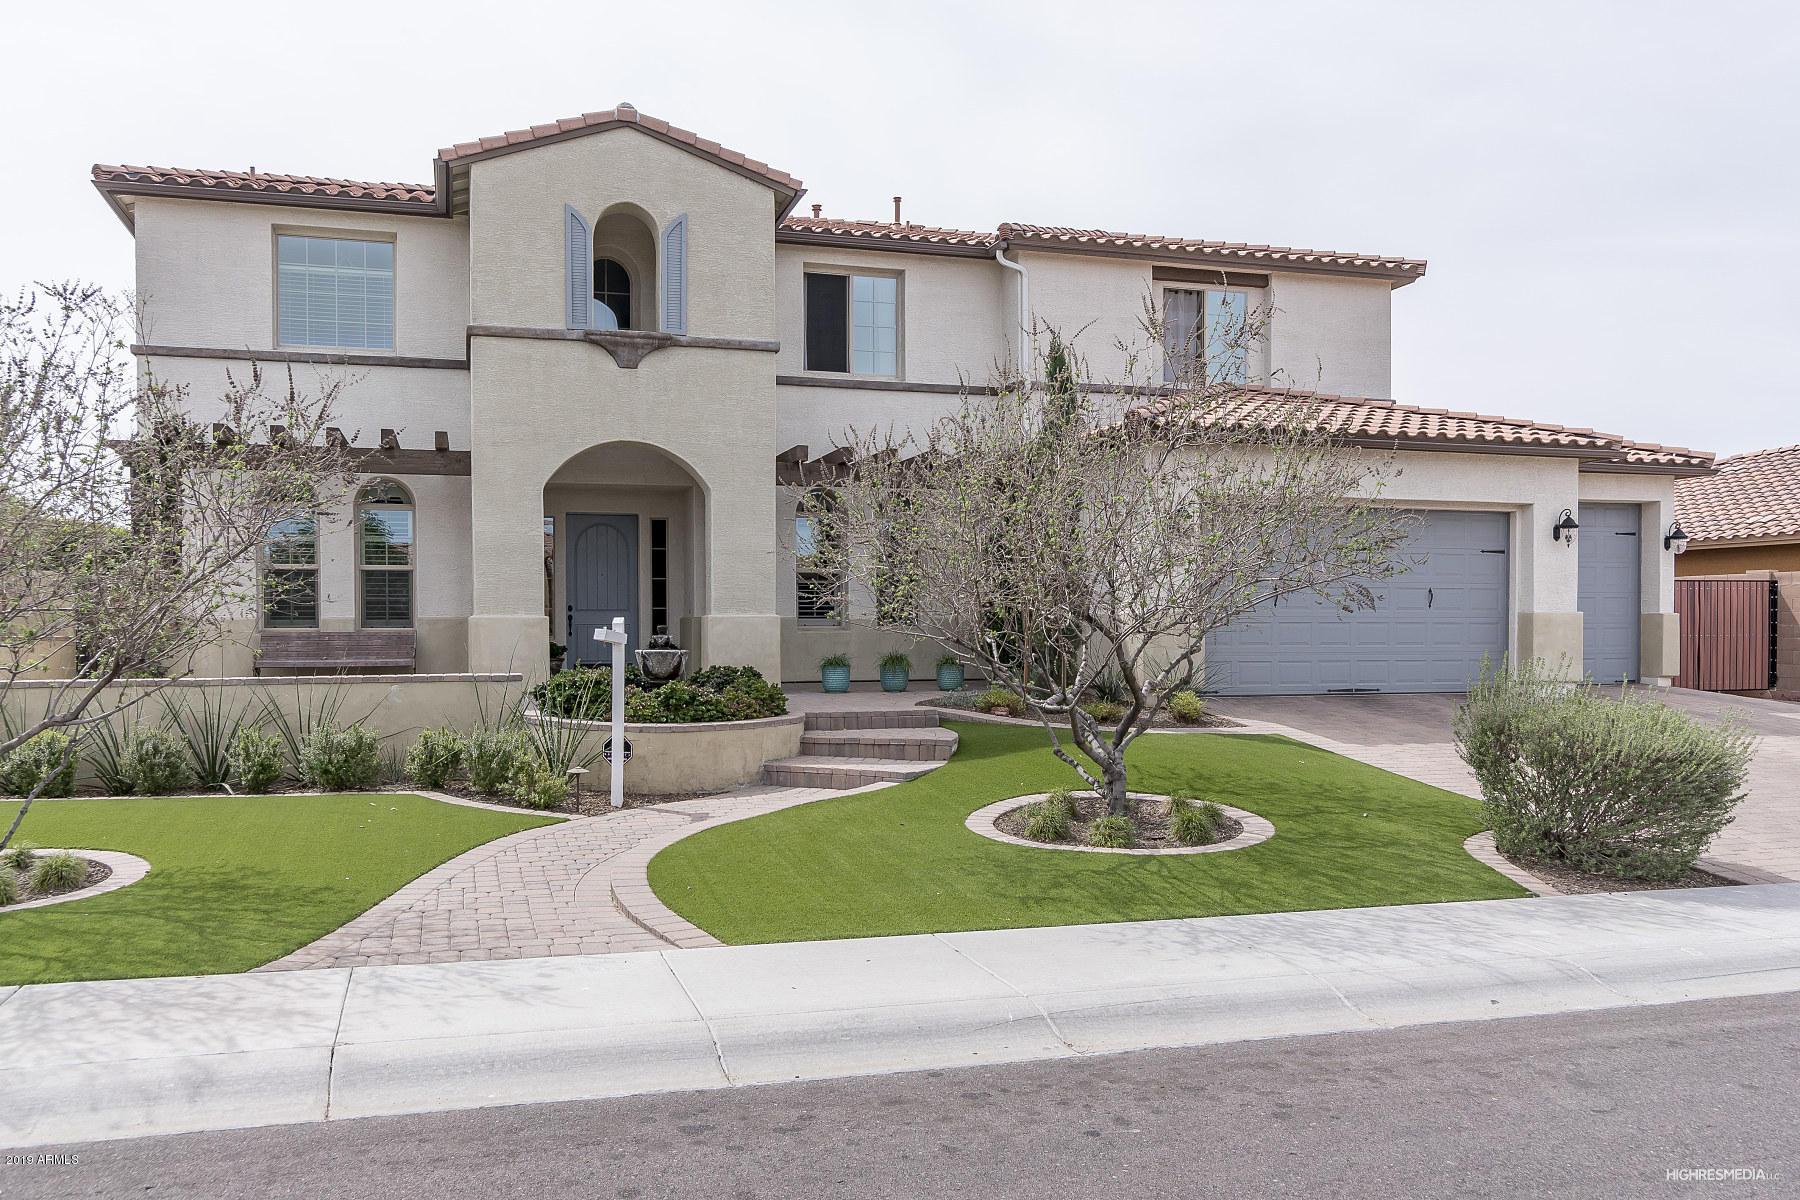 Photo of 3917 E ELMWOOD Street, Mesa, AZ 85205